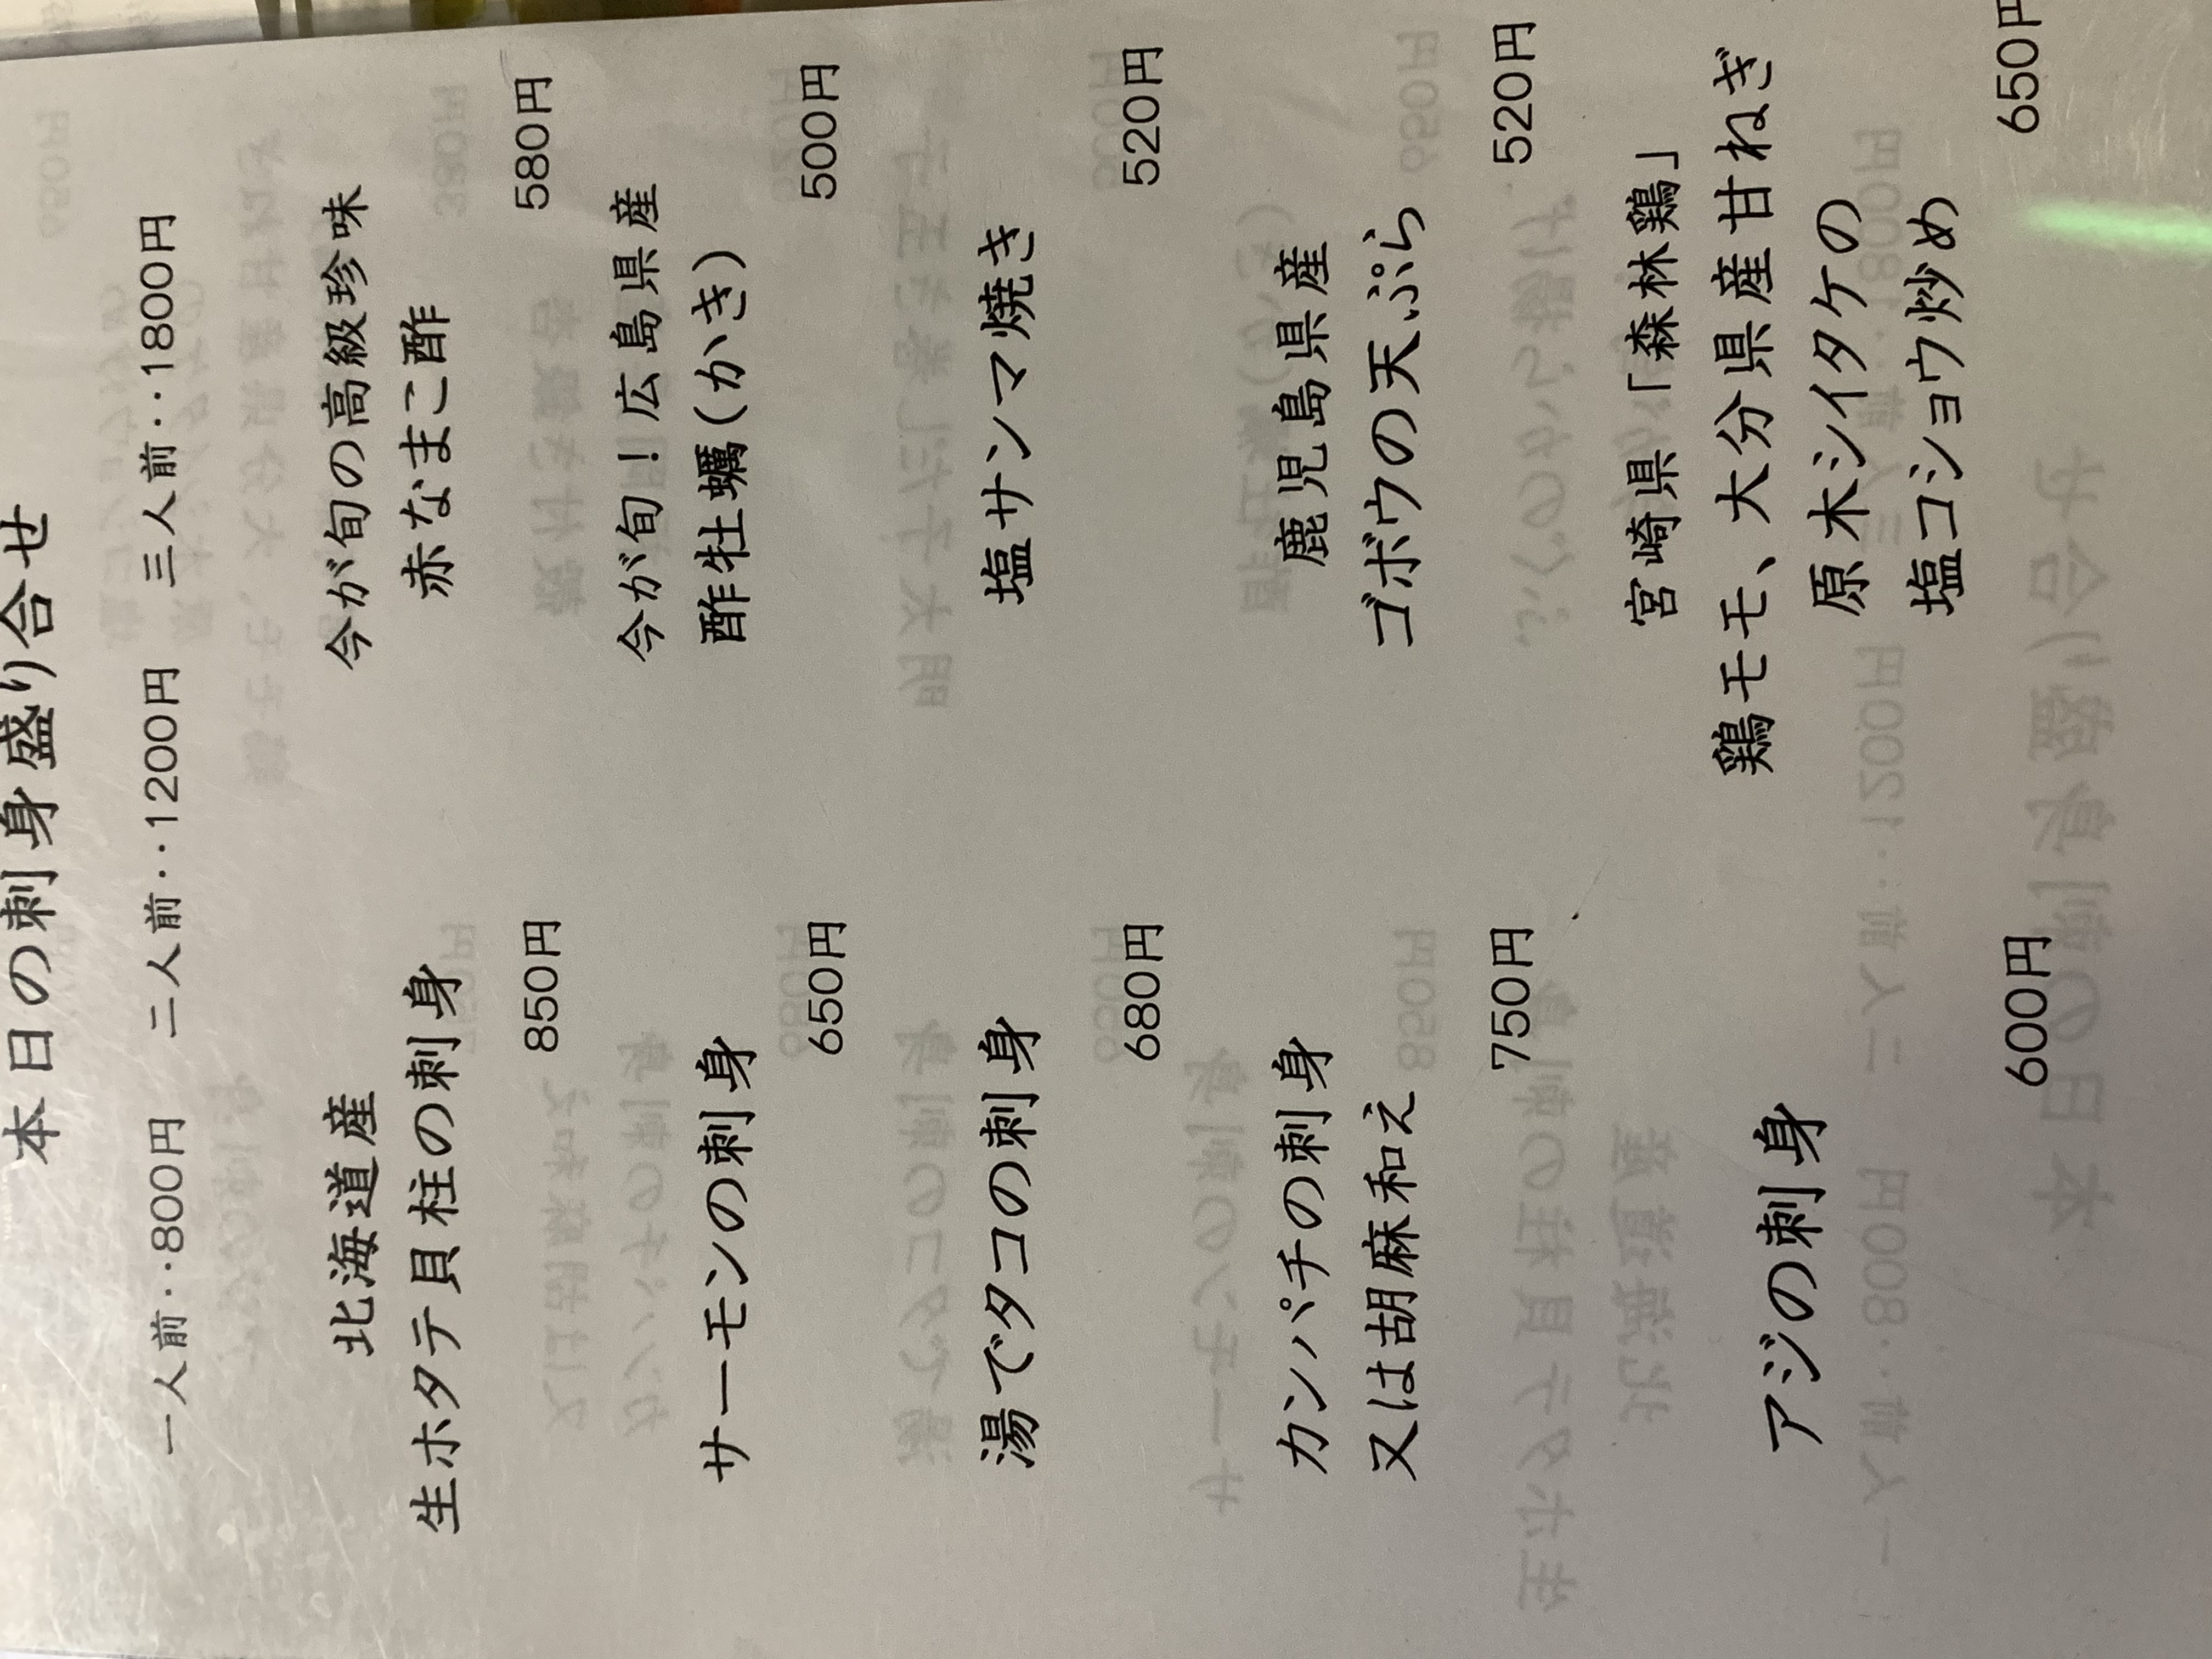 C8E9FADF-4309-4485-8C7C-BAB7A219CEFC